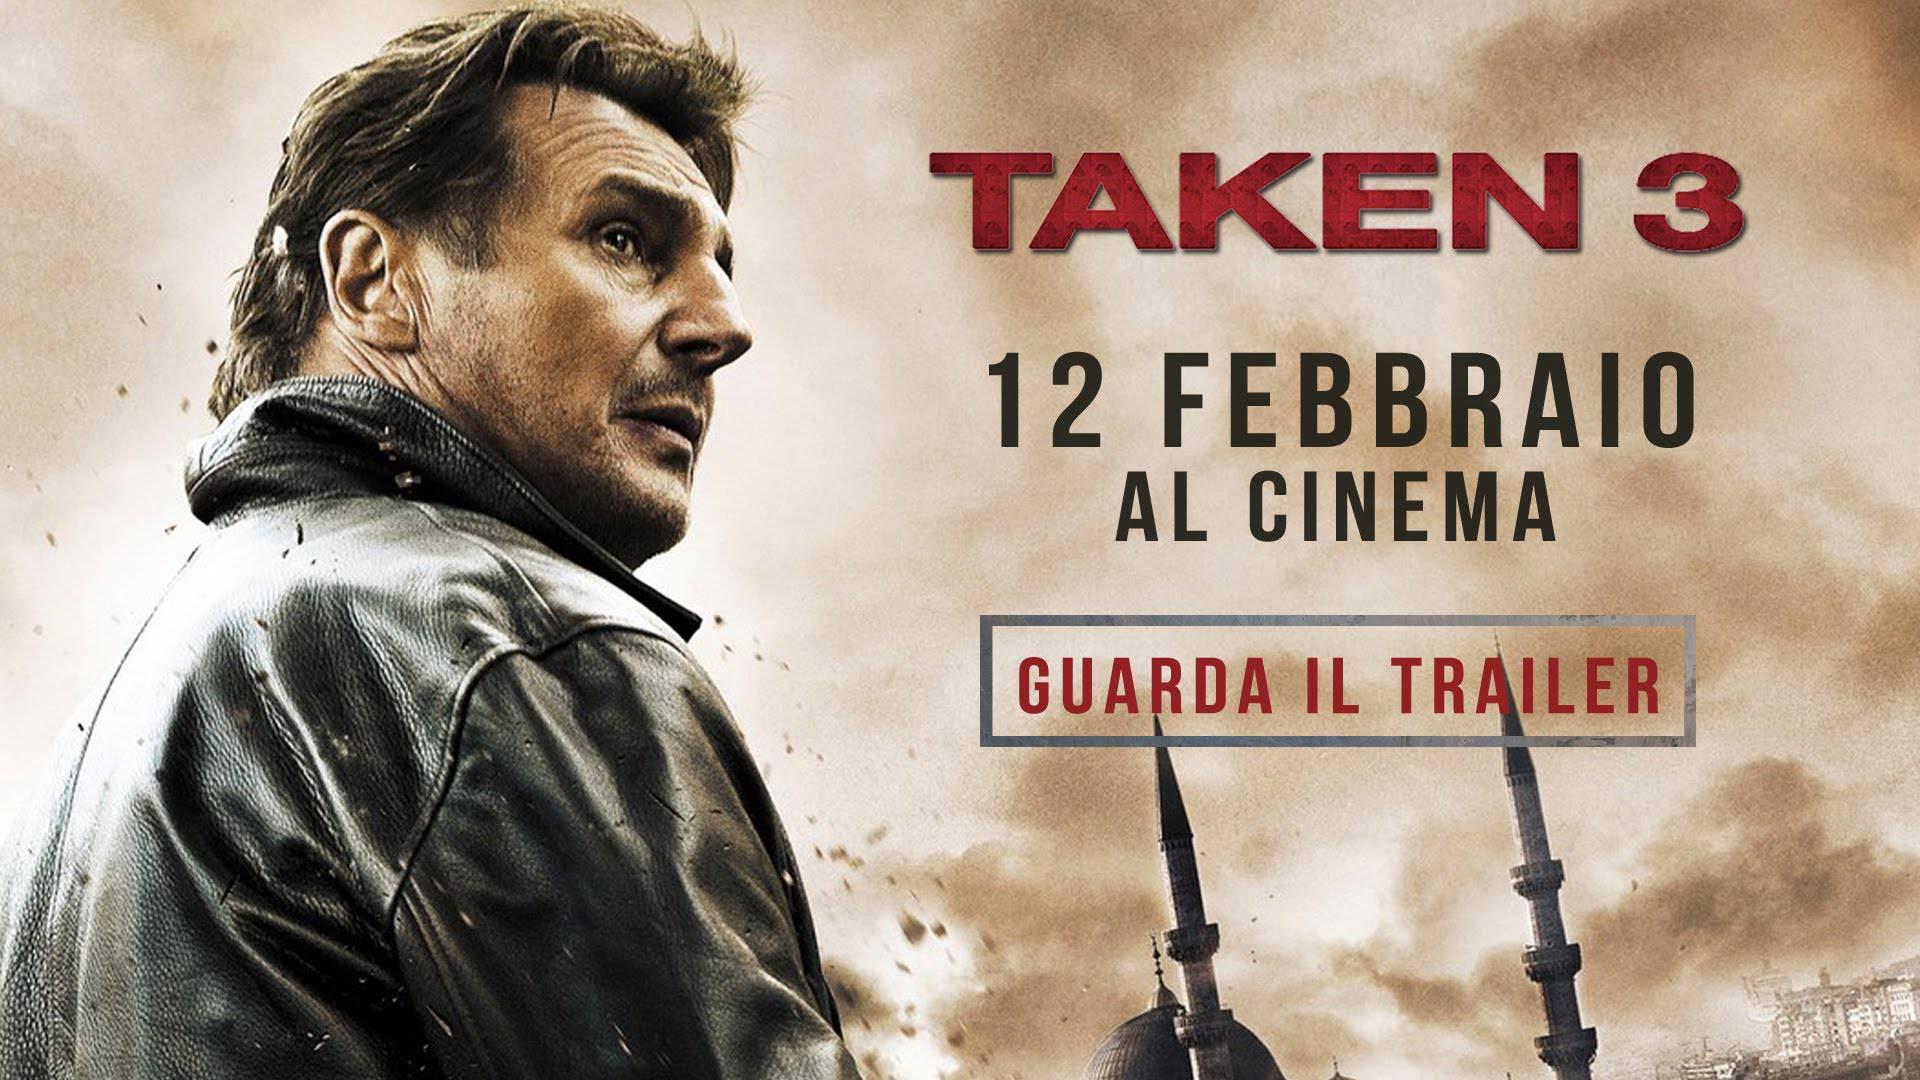 Liam Neeson Oggi Film 2018 Moglie E Molto Altro Ancora